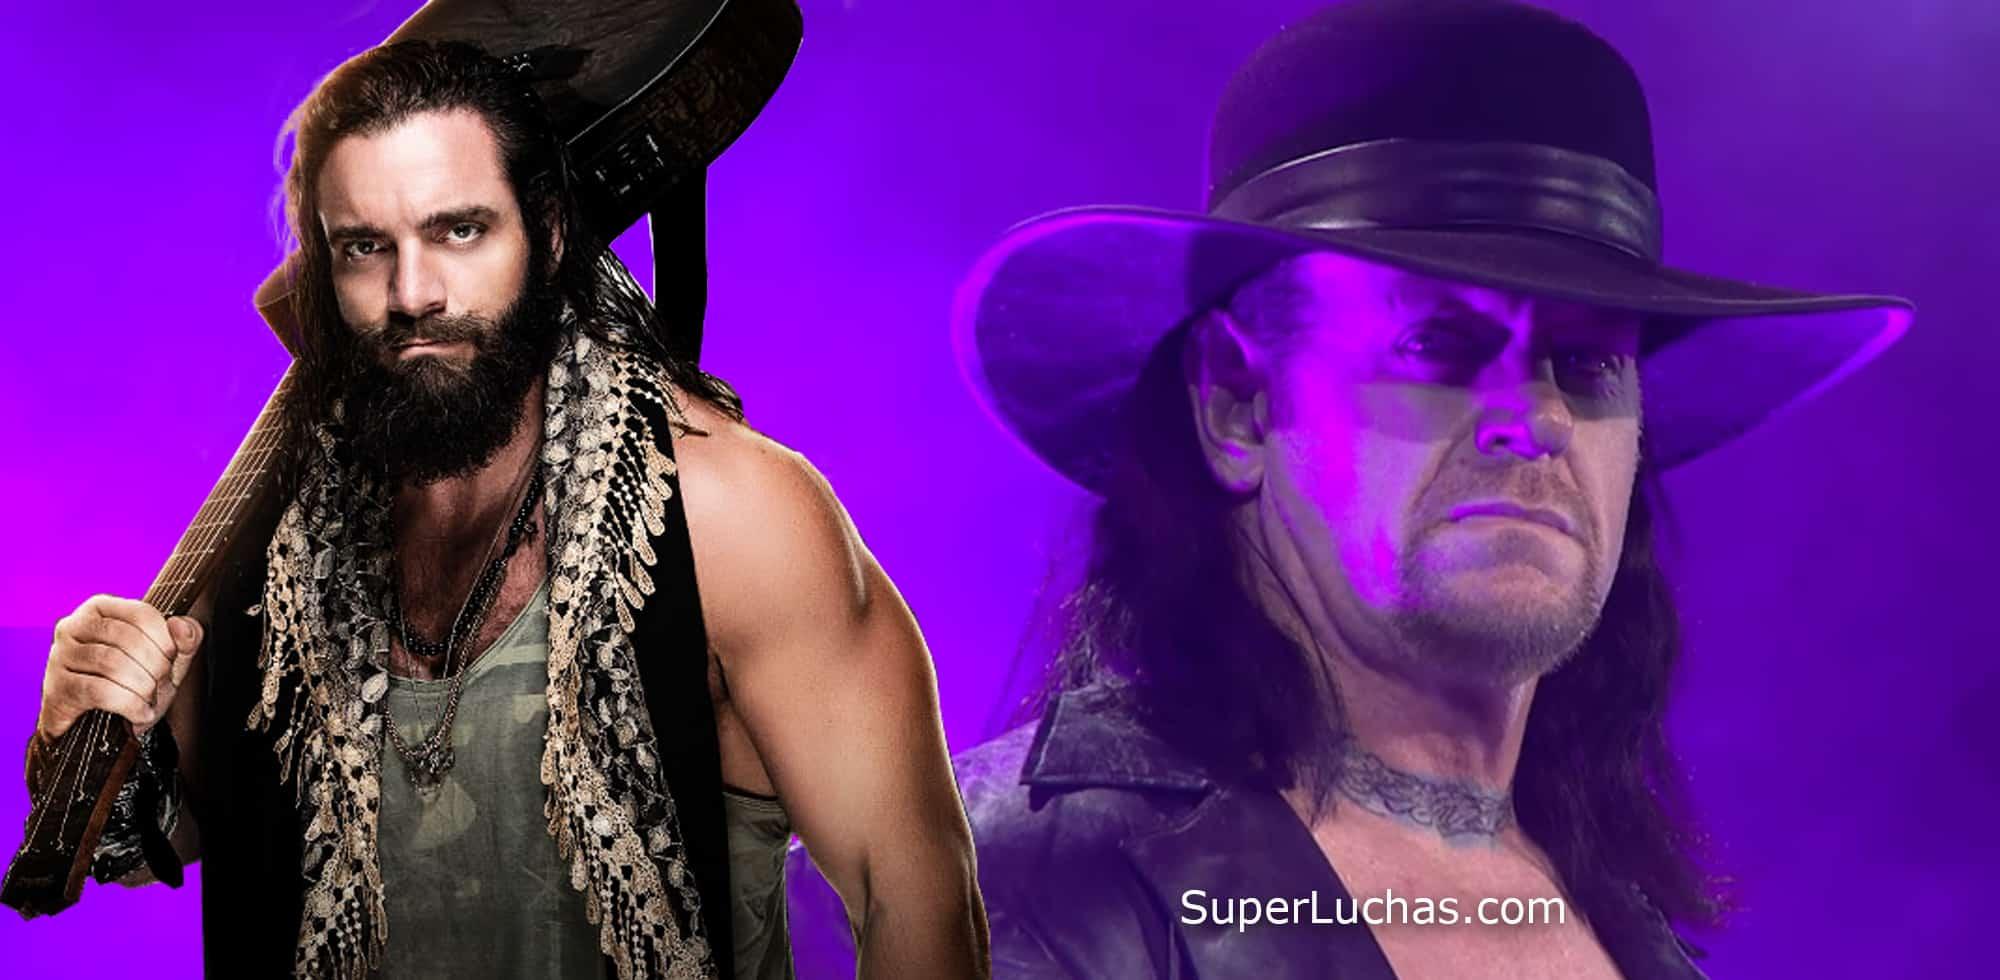 Elias y The Undertaker / WWE© y SÚPER LUCHAS – SuperLuchas.com